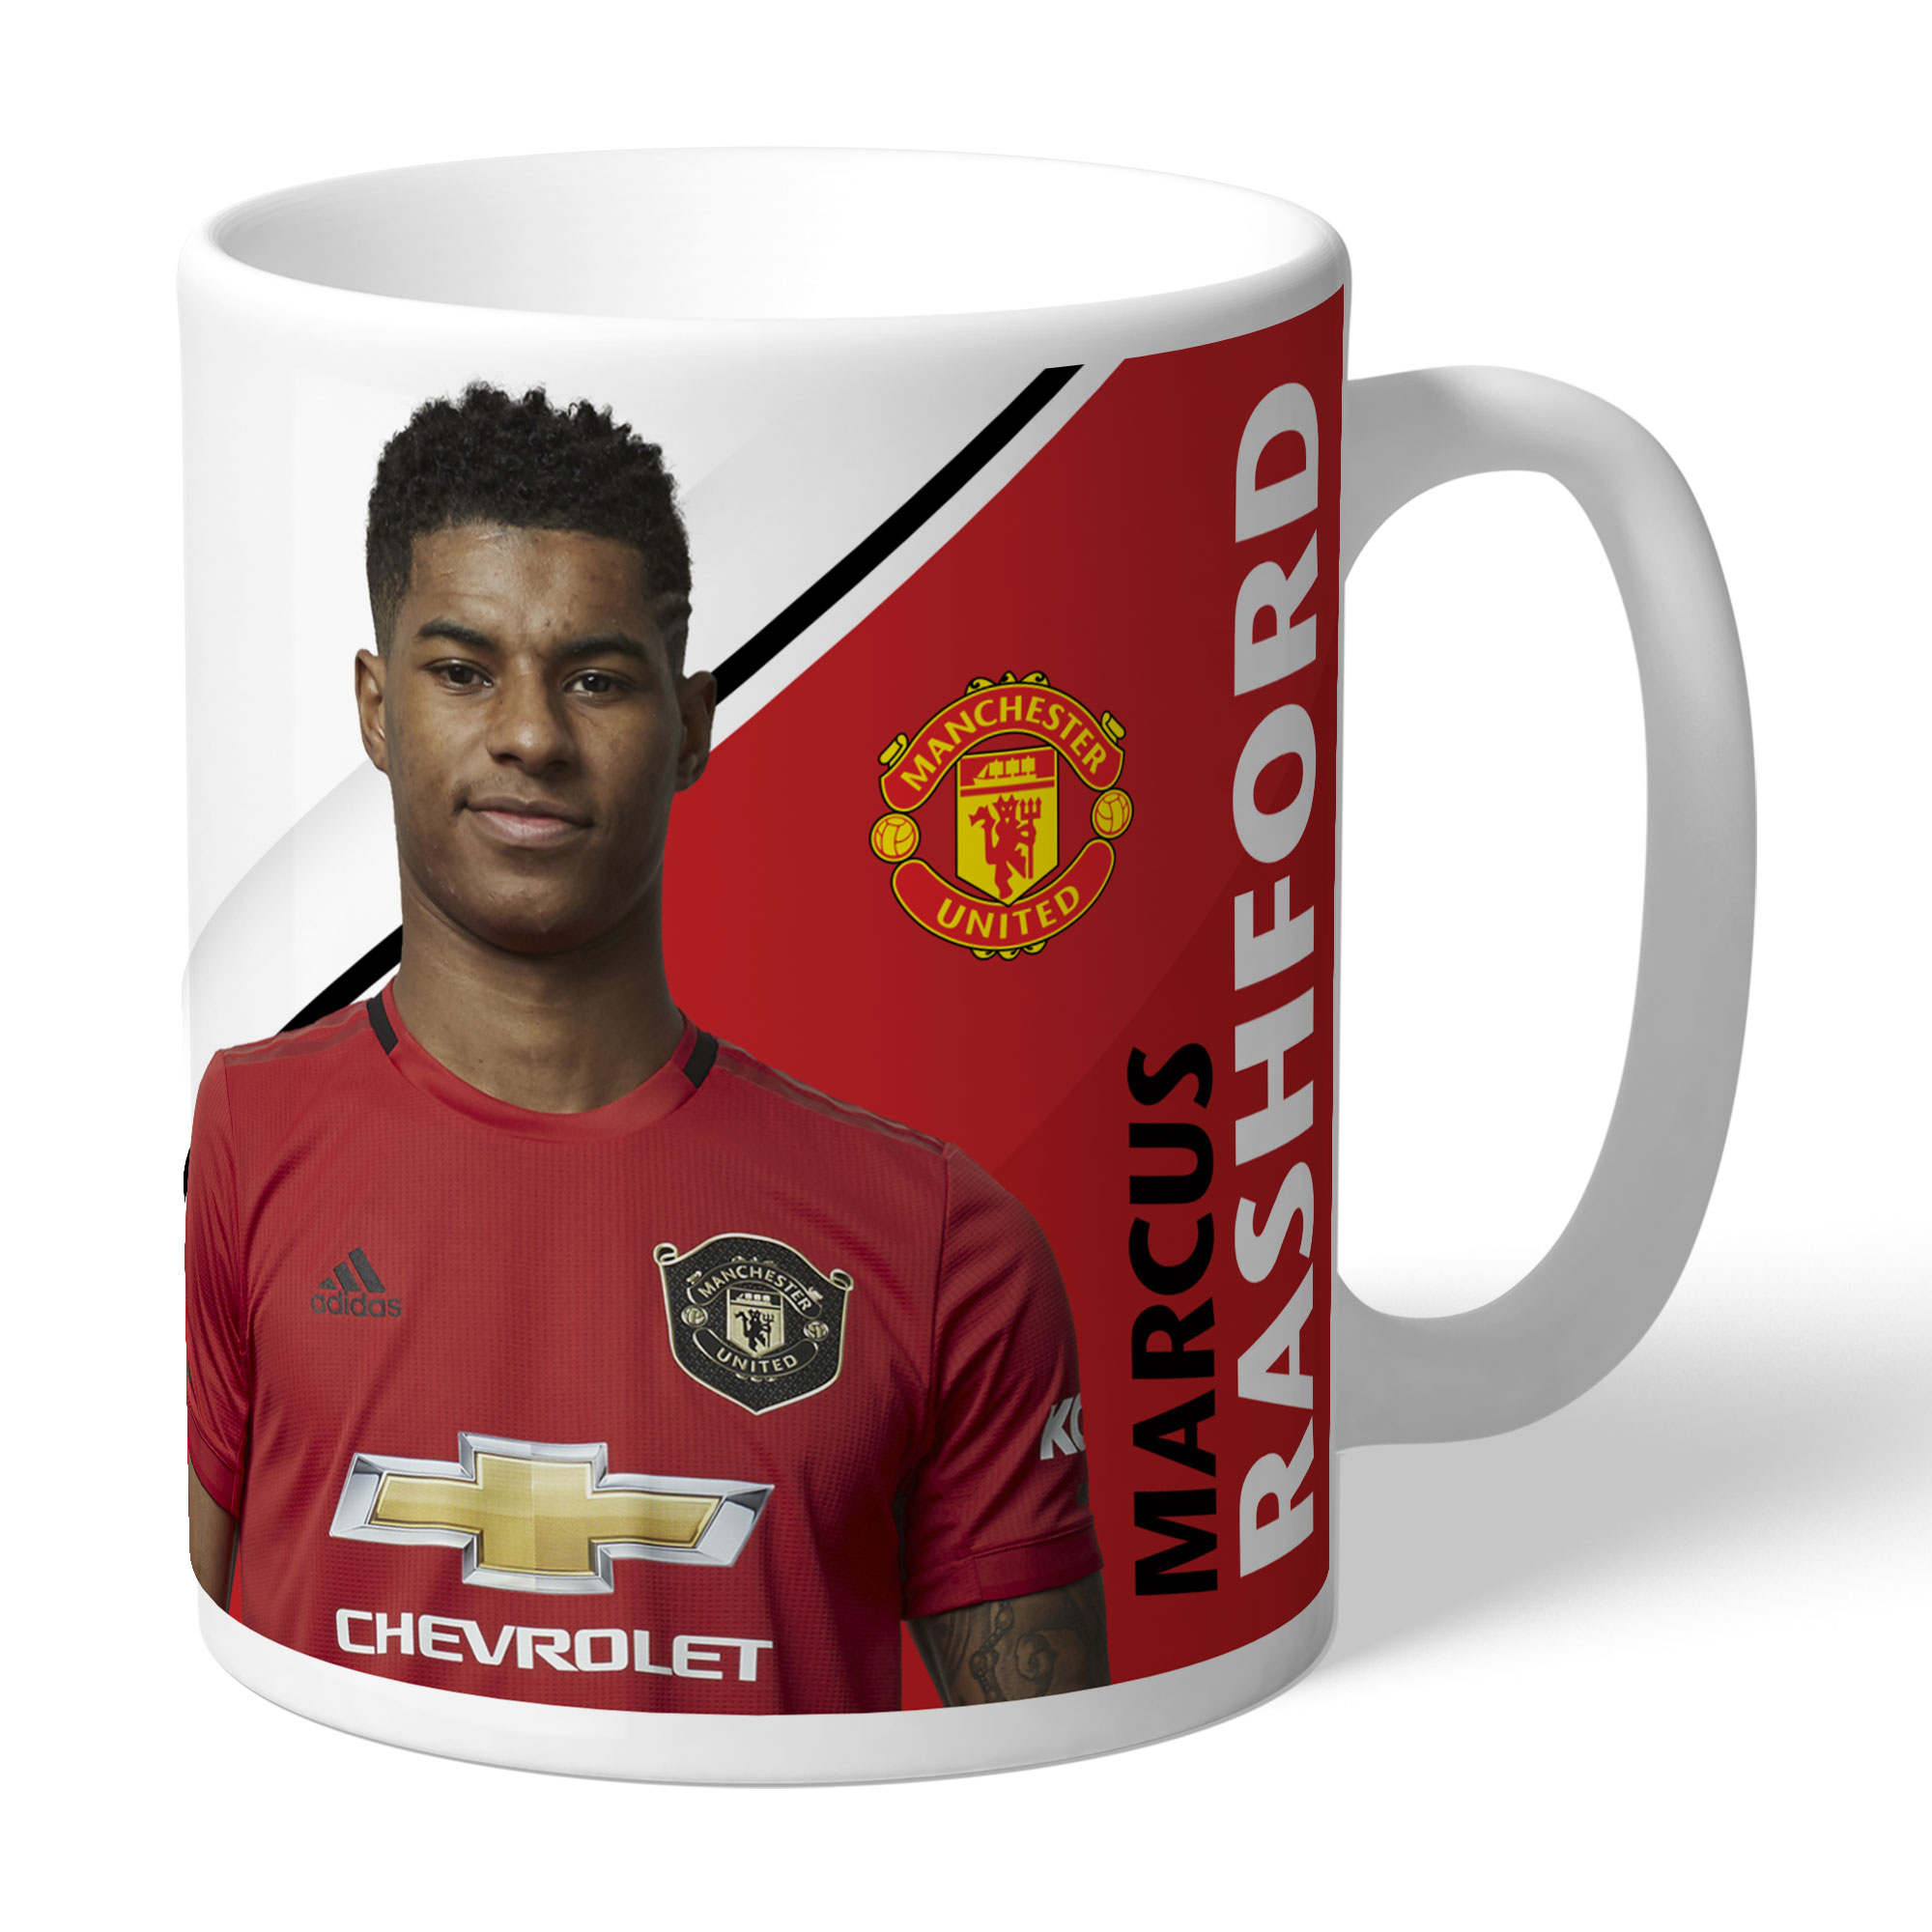 Taza con firma personalizada del Manchester United- Rashford